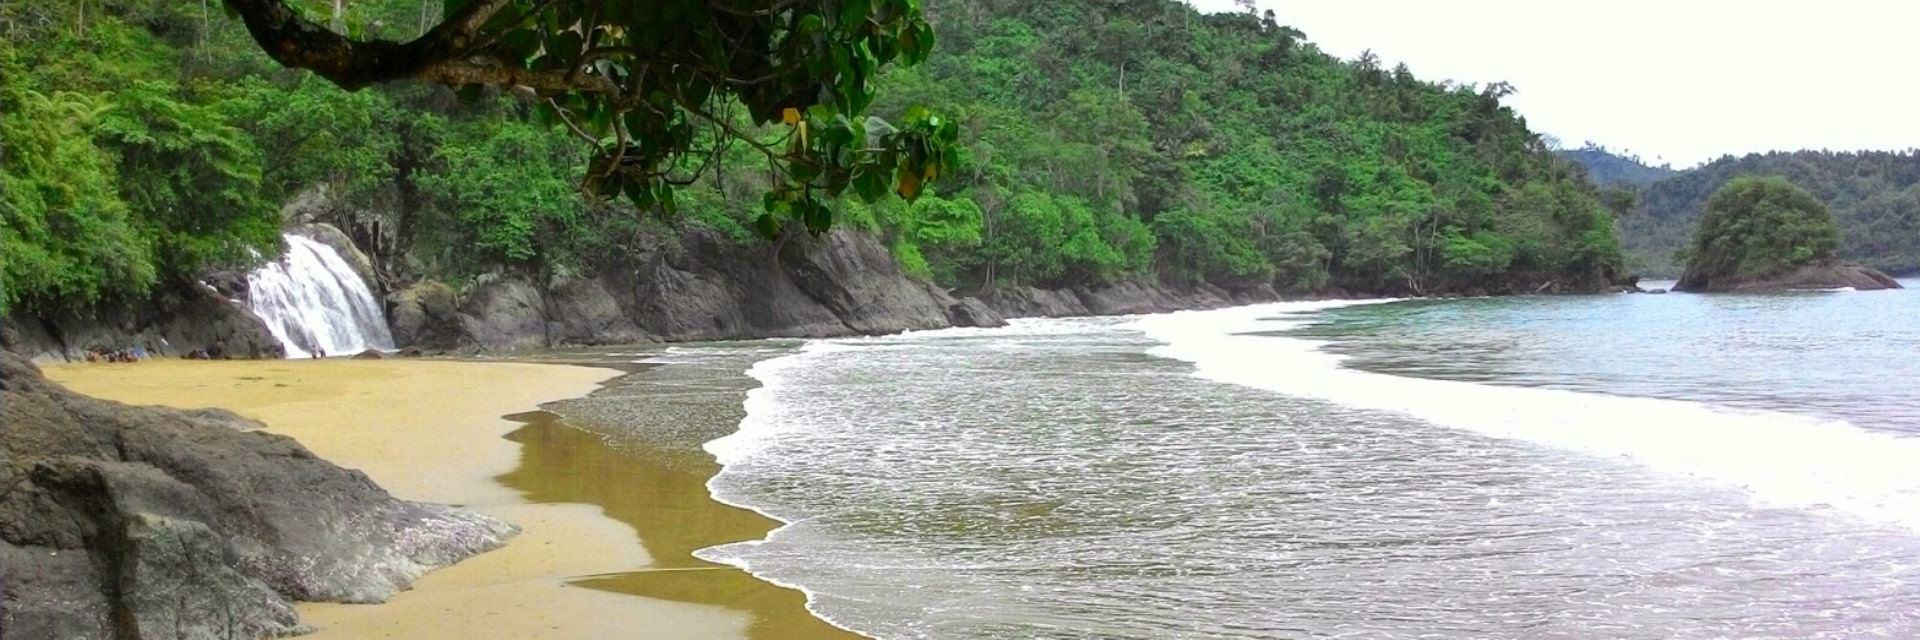 10 Pantai Unik di Malang Raya 10 Pantai Unik di Malang Raya - Dolan Dolen